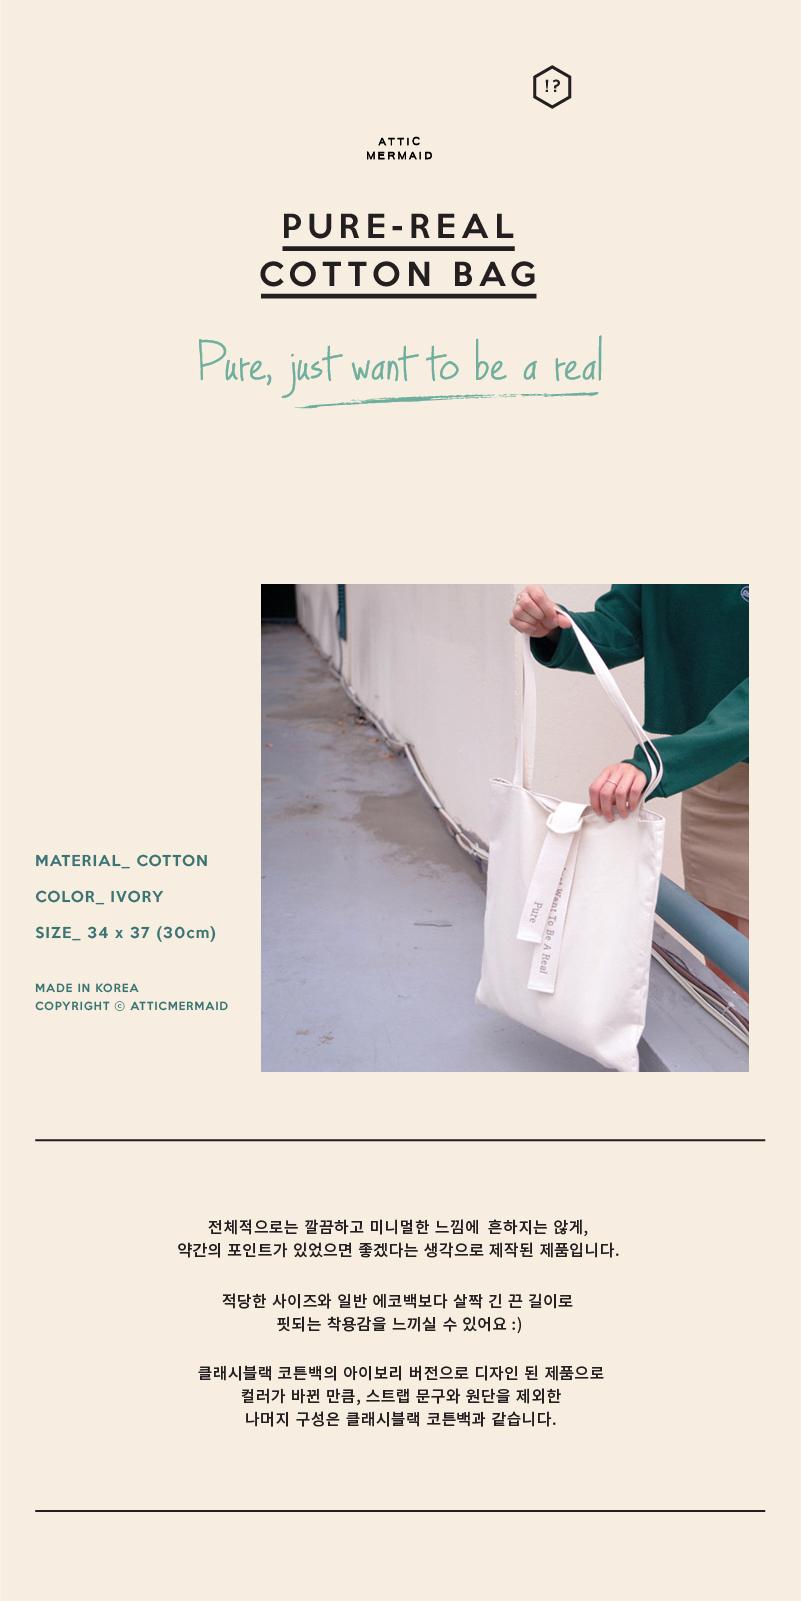 퓨어 리얼 코튼 백 - 아틱머메이드, 25,000원, 캔버스/에코백, 심플캔버스백